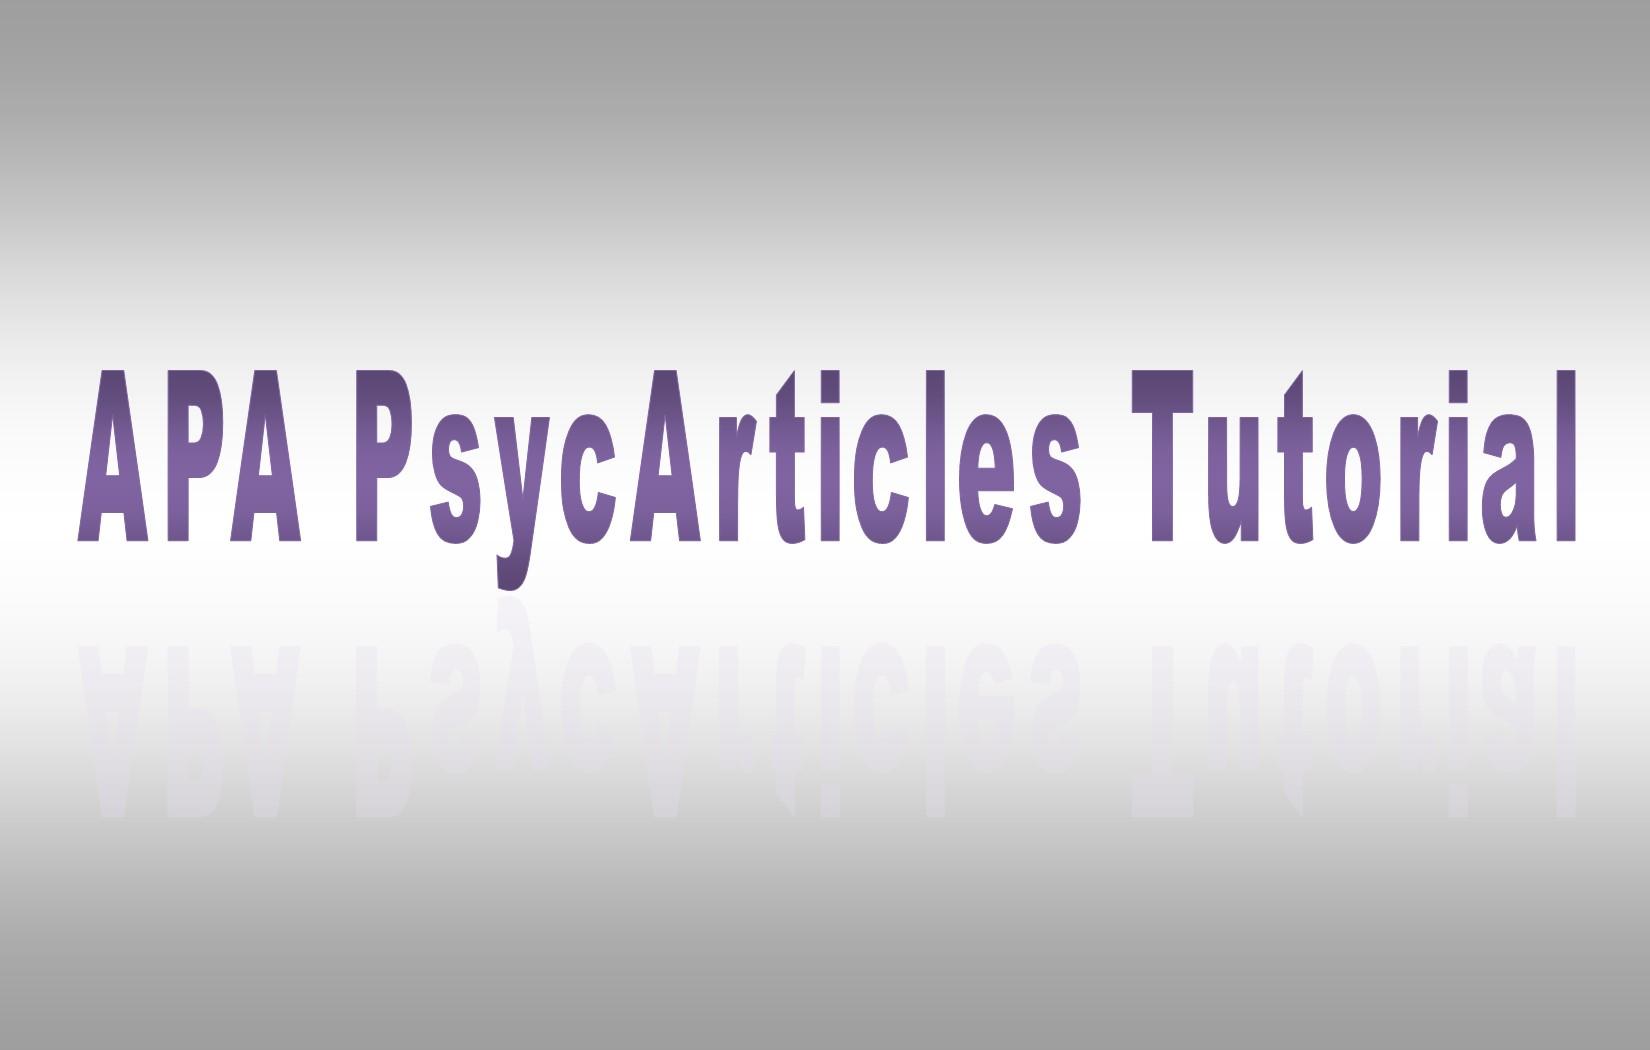 APA PsycArticles Tutorial